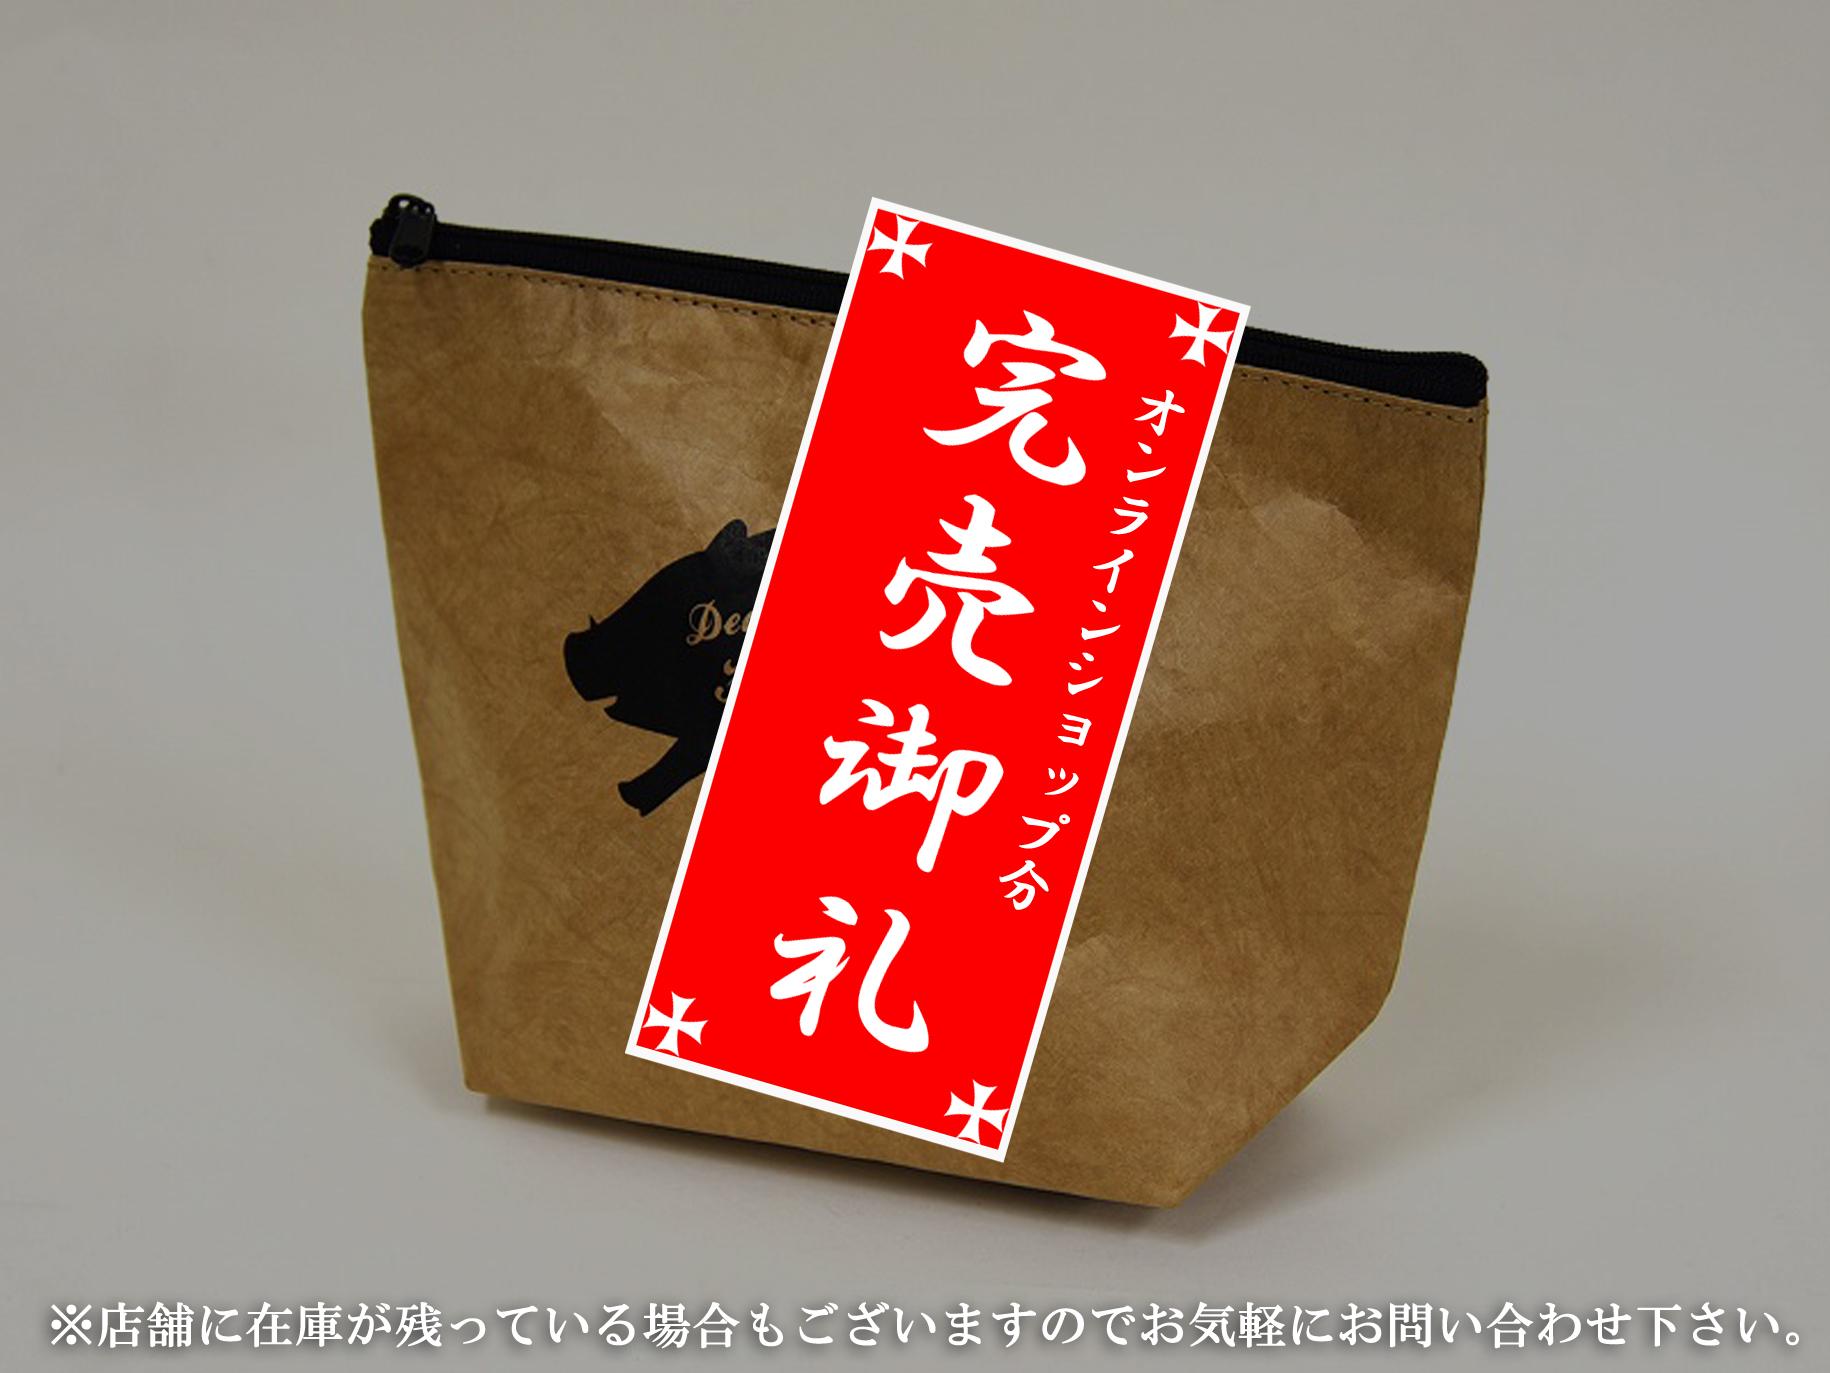 2019年 新春福袋 5万円